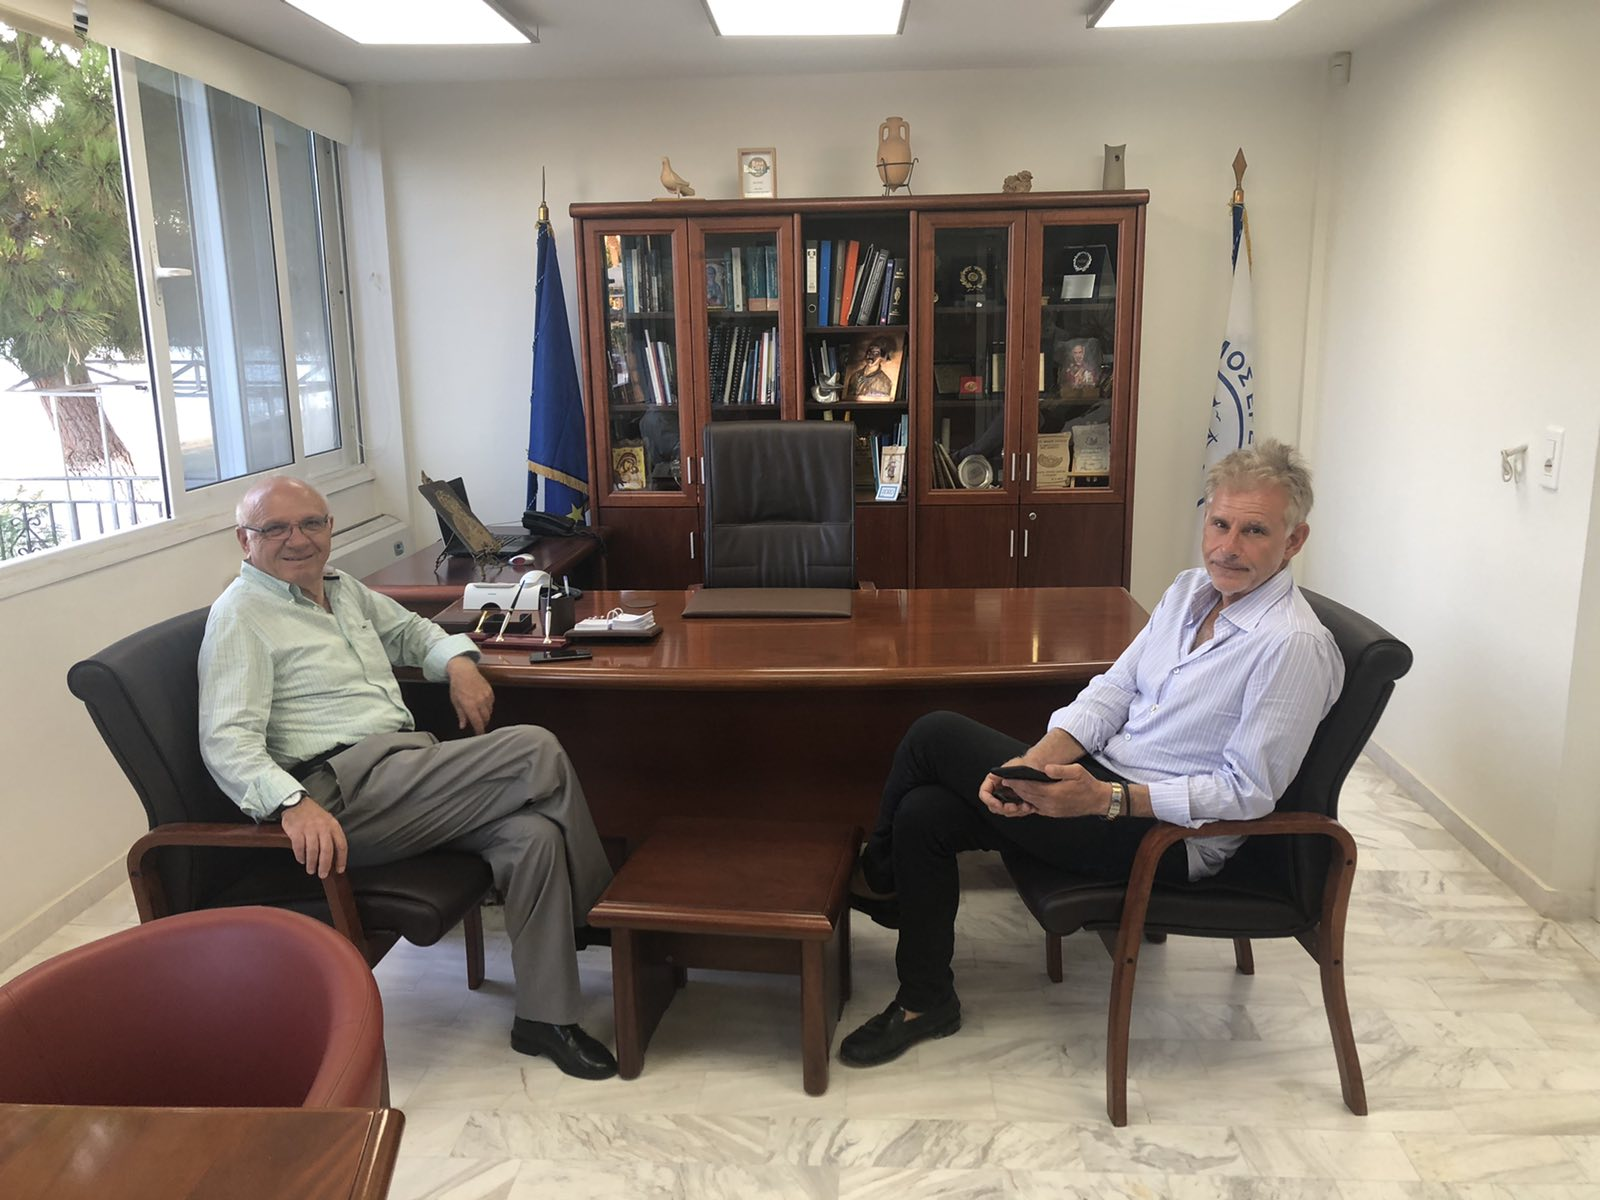 επισκέφθηκε ο Σπύρος Πνευματικός, Τον Δήμο Κύμης Αλιβερίου και Ερέτριας επισκέφθηκε ο Σπύρος Πνευματικός την Δευτέρα, Eviathema.gr | ΕΥΒΟΙΑ ΝΕΑ - Νέα και ειδήσεις από όλη την Εύβοια